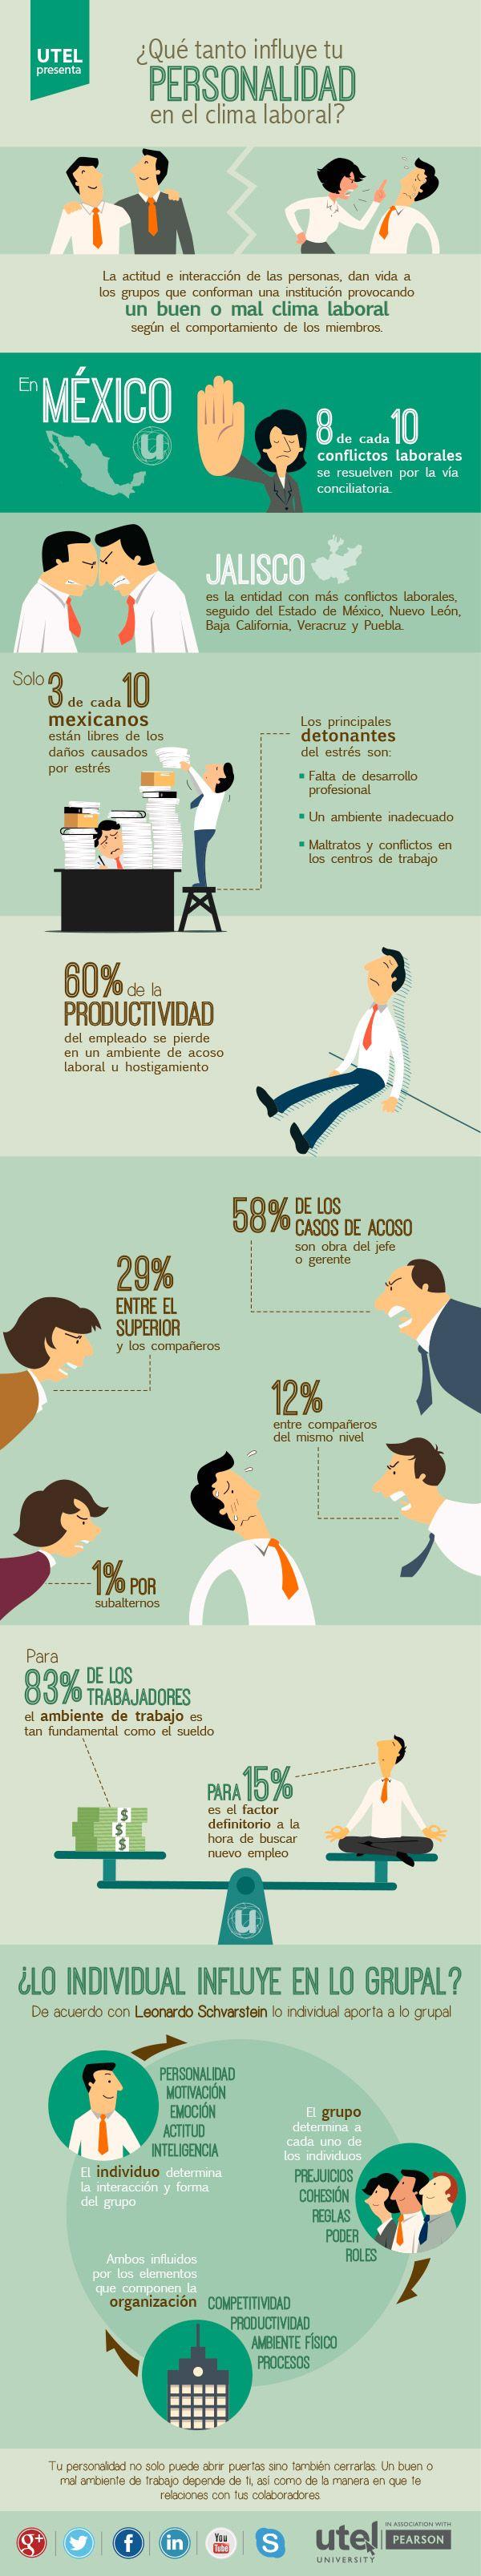 Cómo influye tu personalidad en el clima laboral vía: @UTEL_ #infografia #infographic #rrhh